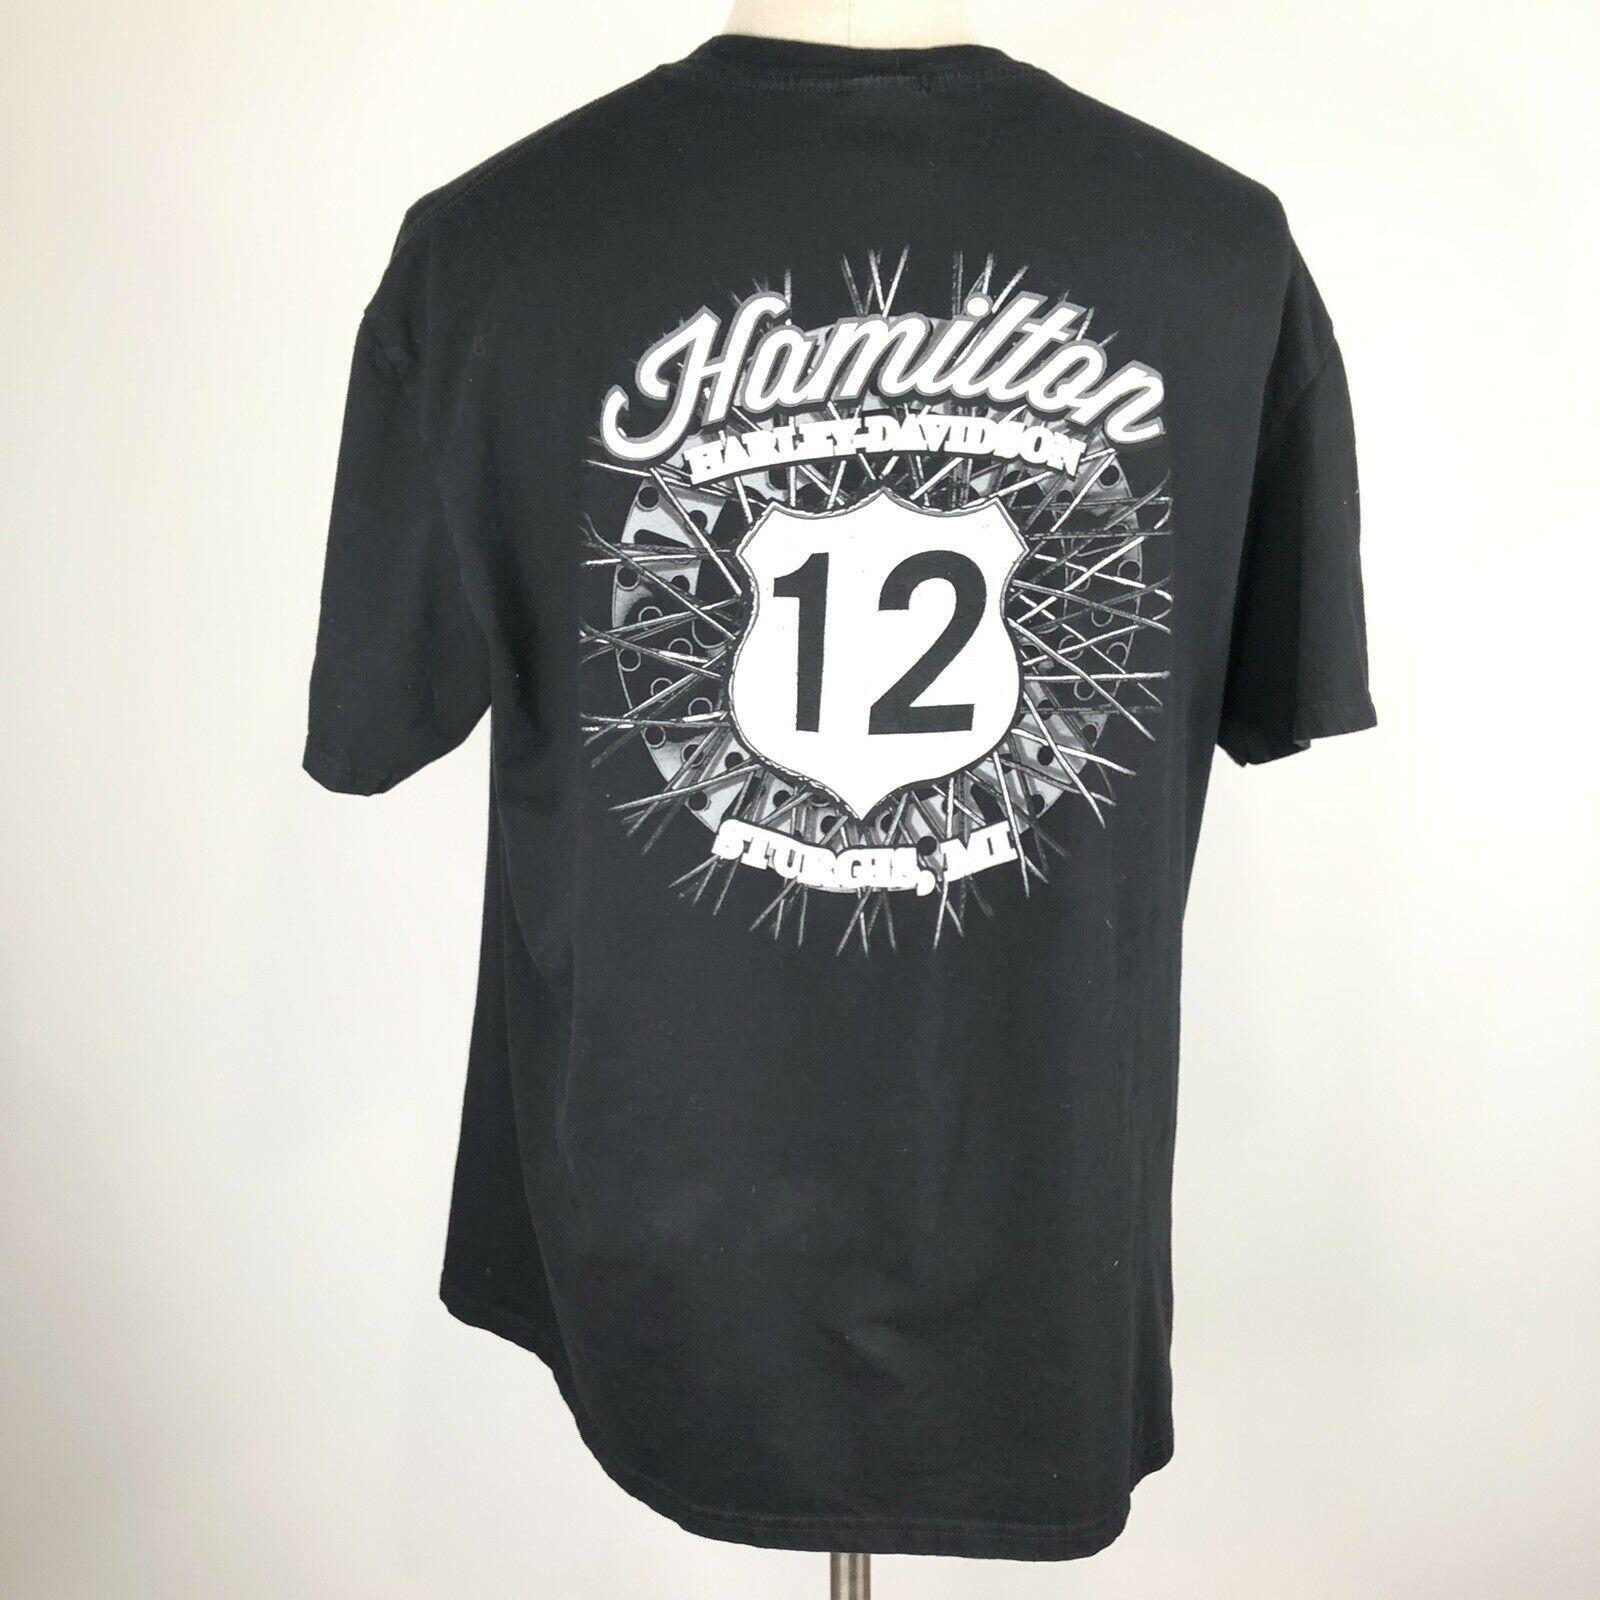 Harley Davidson T Shirt Skeleton Clown Size XL Sturgis MI Black Motorcycle image 8